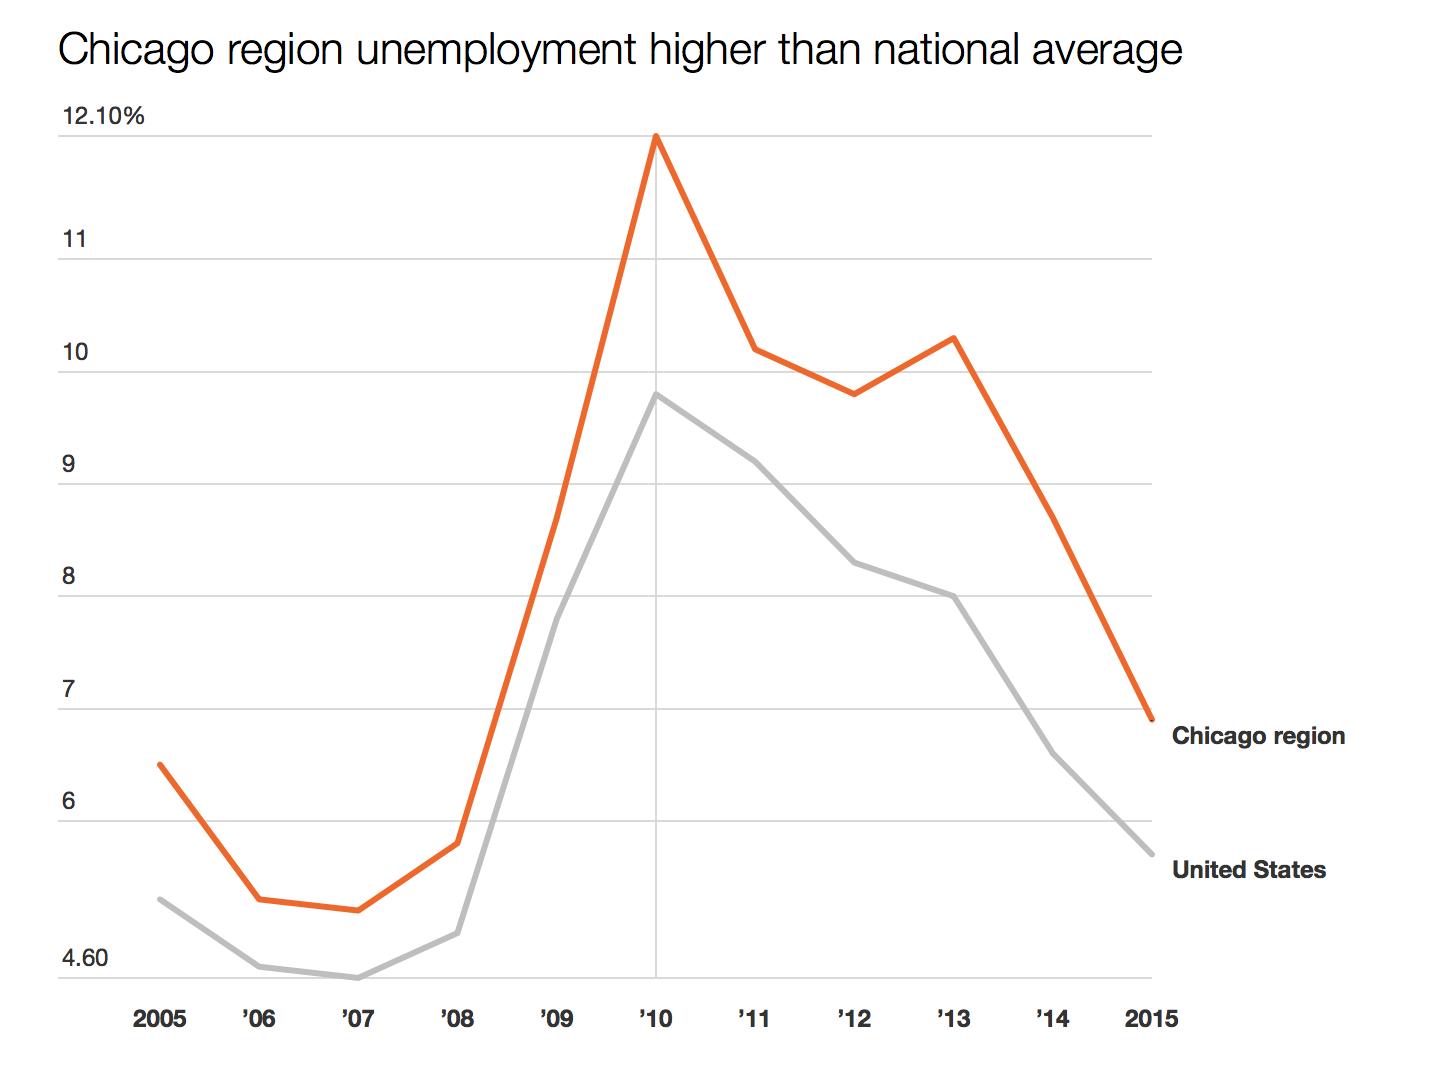 Source: U.S. Bureau of Labor Stastics